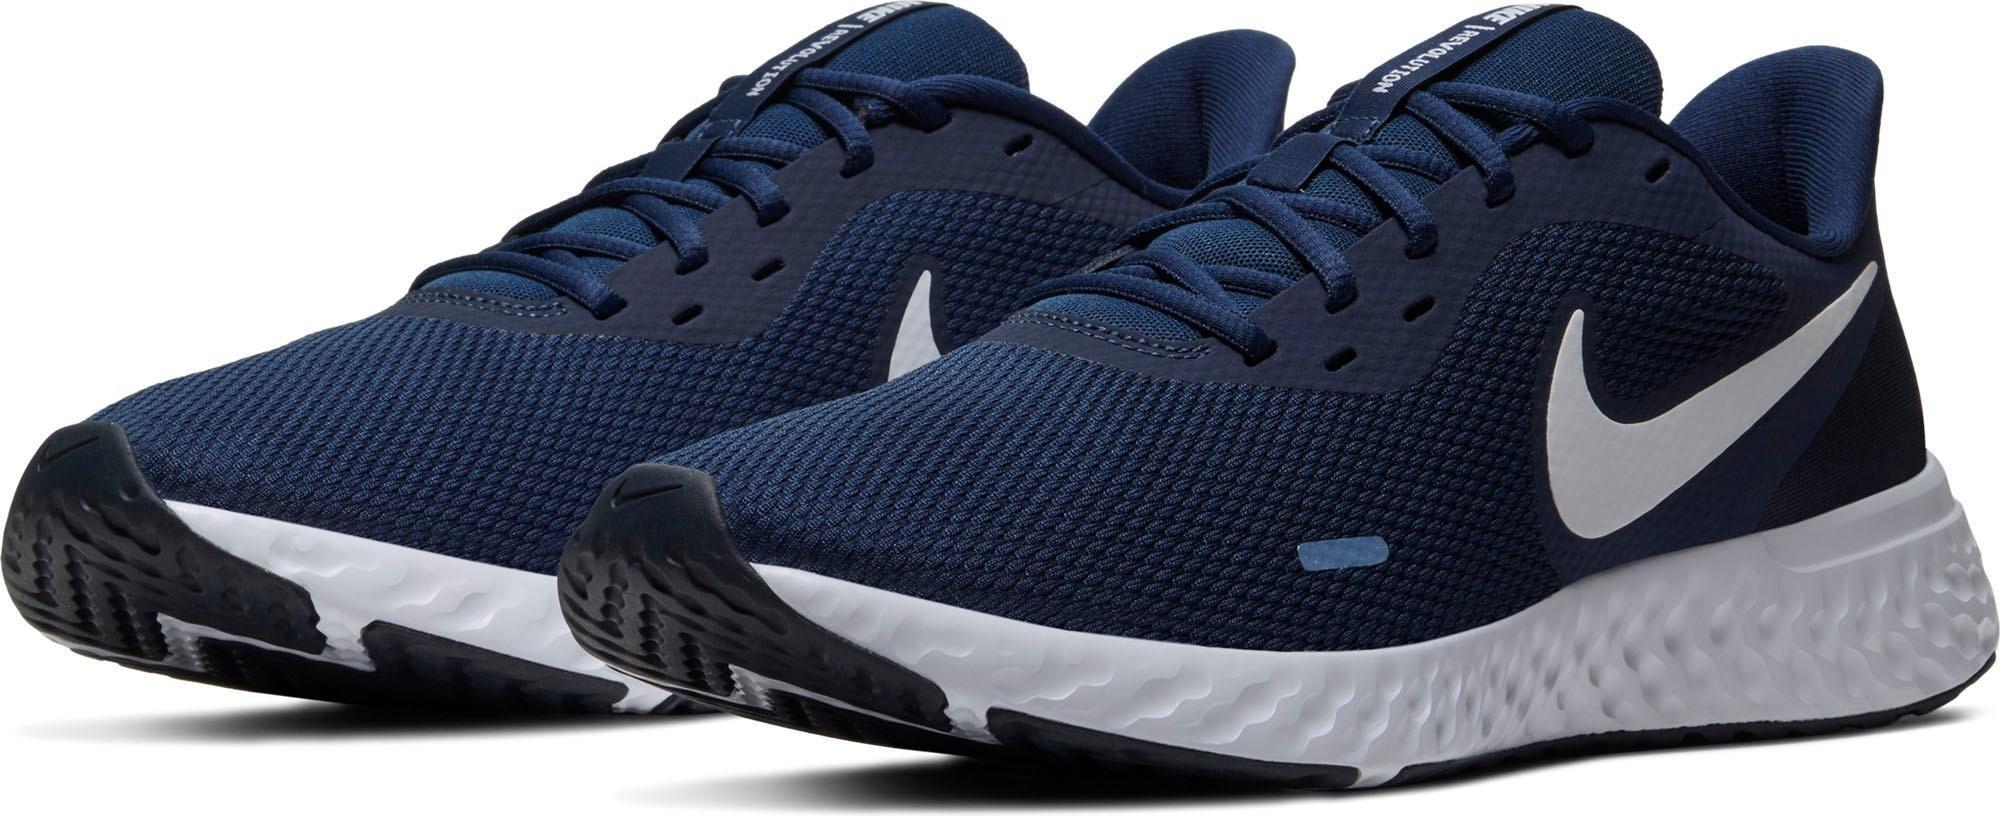 Nike runningschoenen »Revolution 5« bestellen: 30 dagen bedenktijd